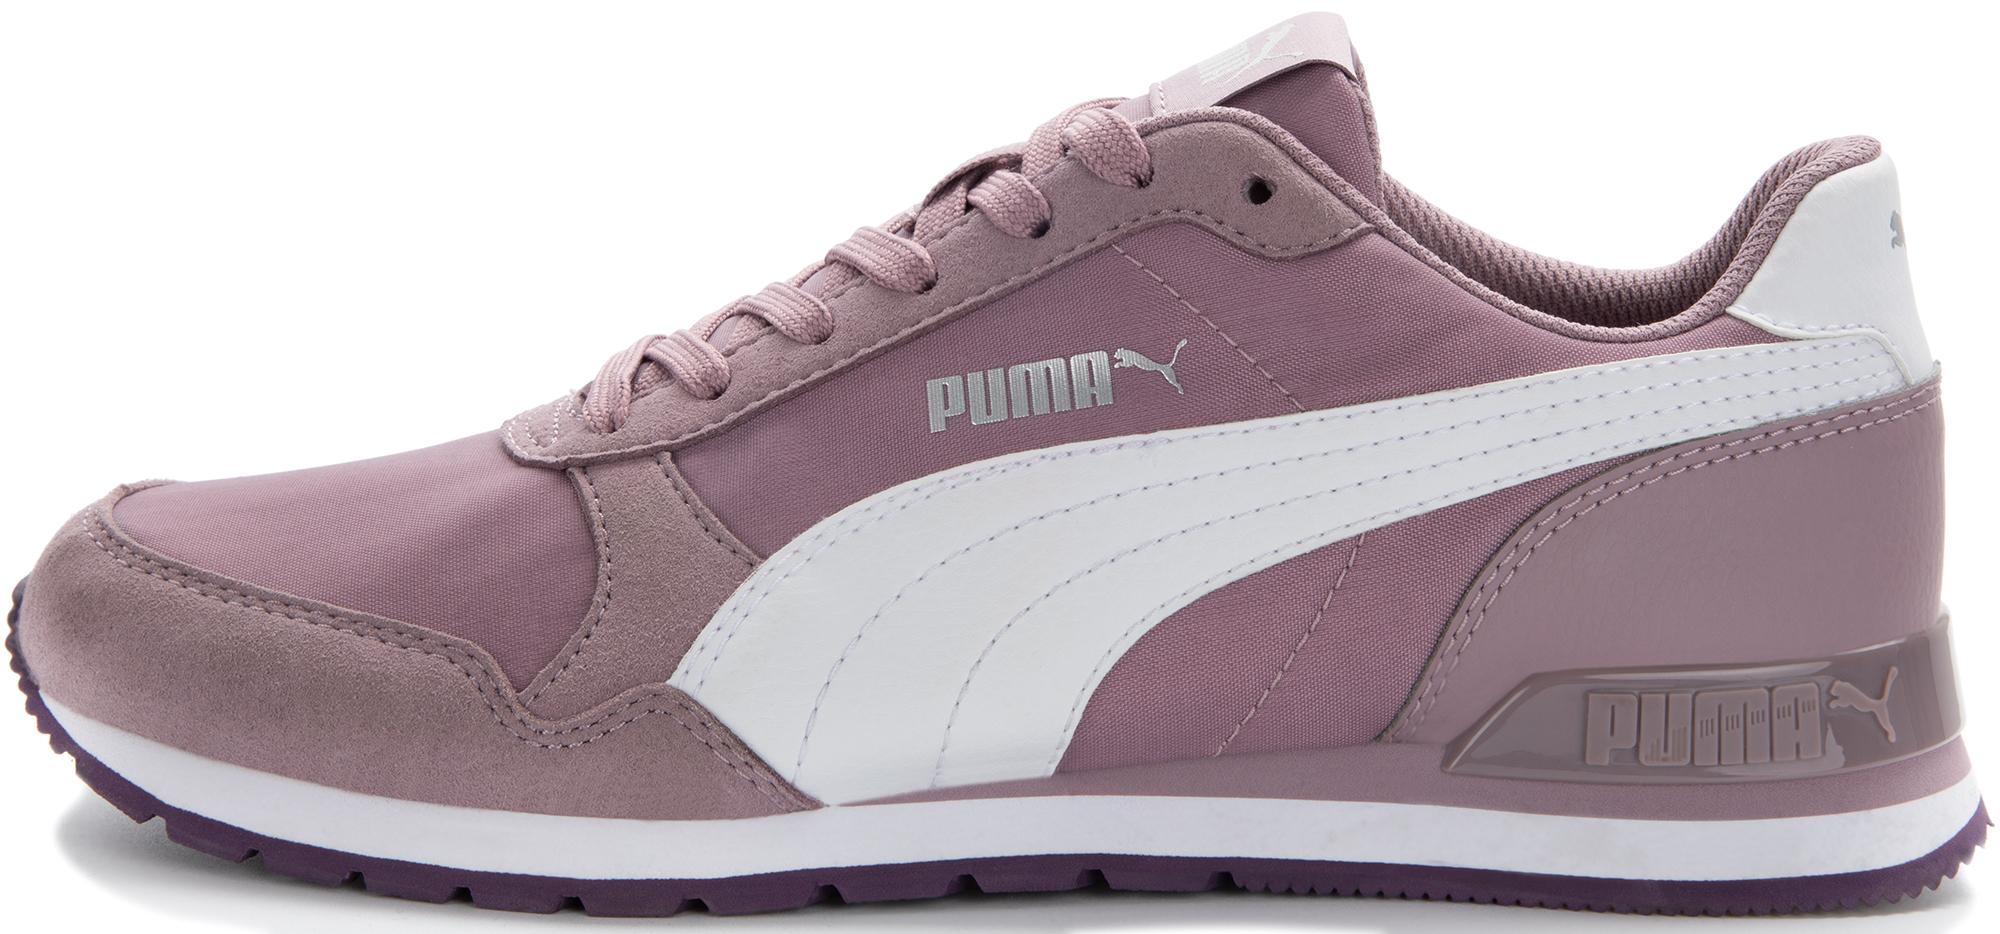 Puma Кроссовки женские Puma St Runner V2 Nl, размер 39